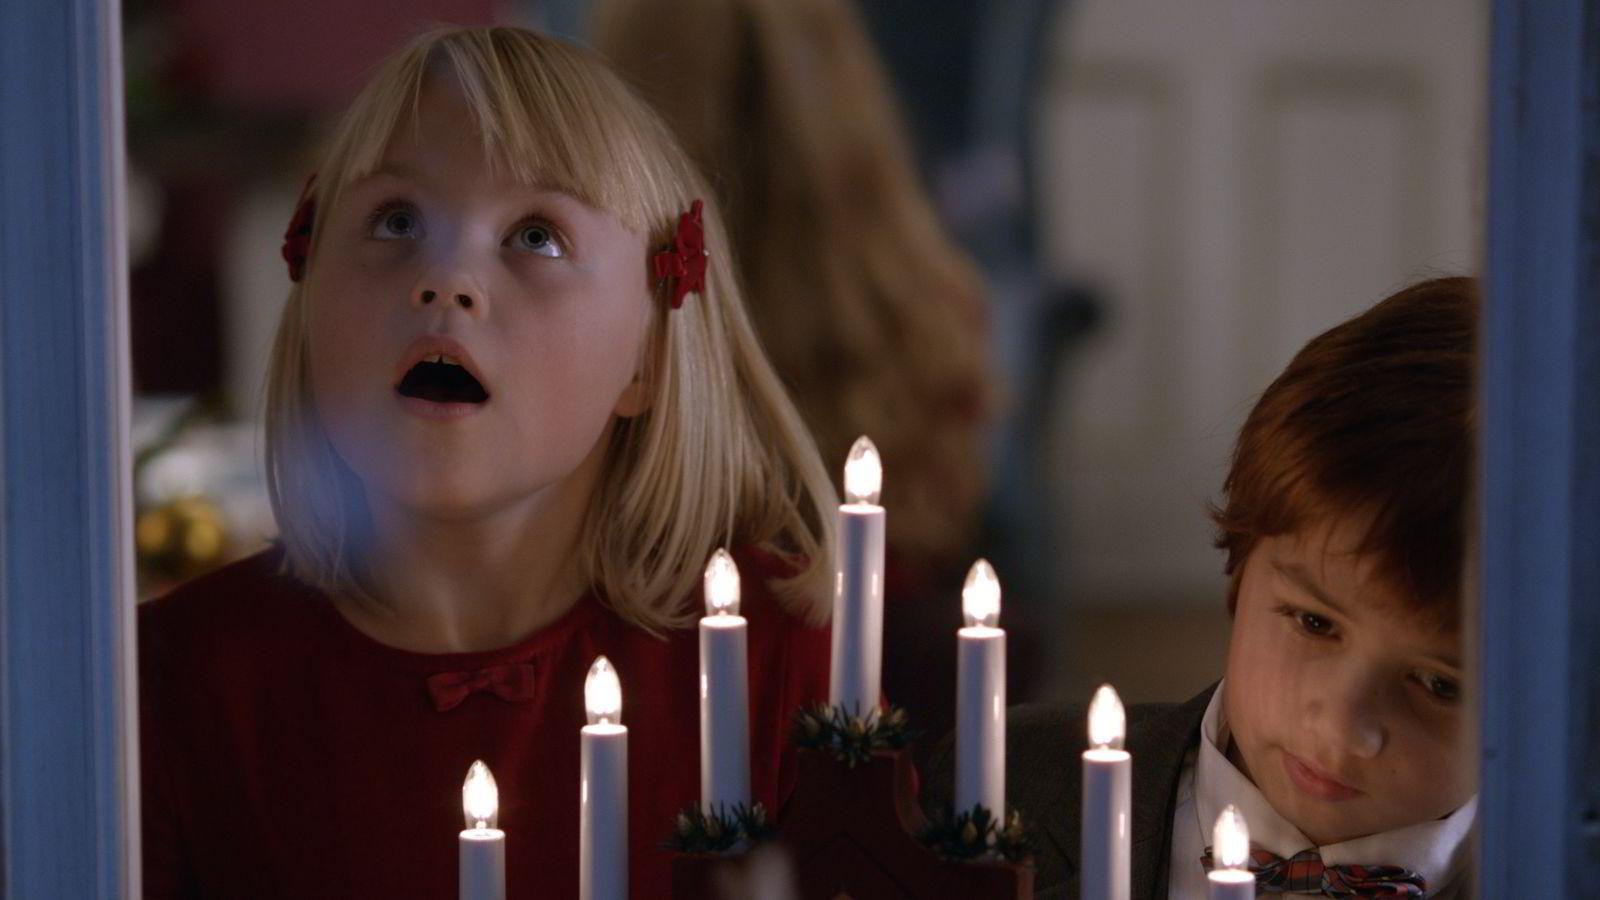 «Karsten og Petras vidunderlige jul» er den fjerde filmen i serien basert på bøkene til Tor Åge Bringsværd og Anne Holt. «Karsten og Petra på Safari» kommer i september 2015.